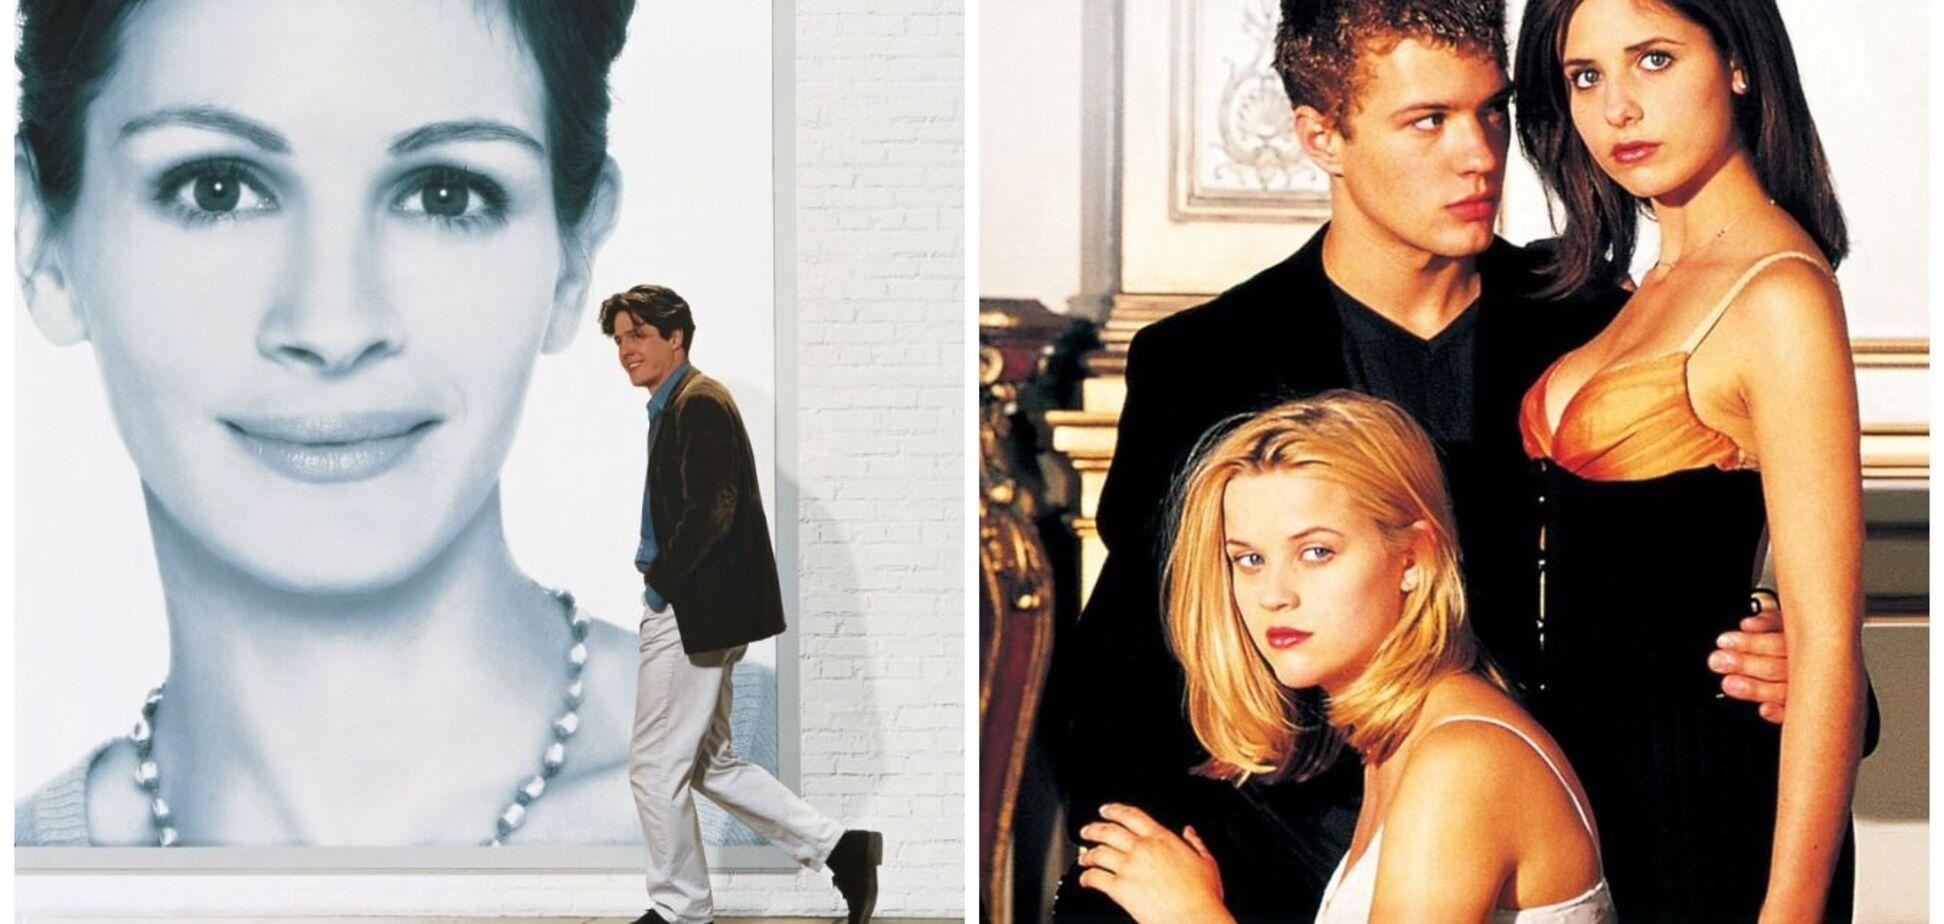 Як зараз виглядають пари з культових мелодрам кінця 90-х. Фото